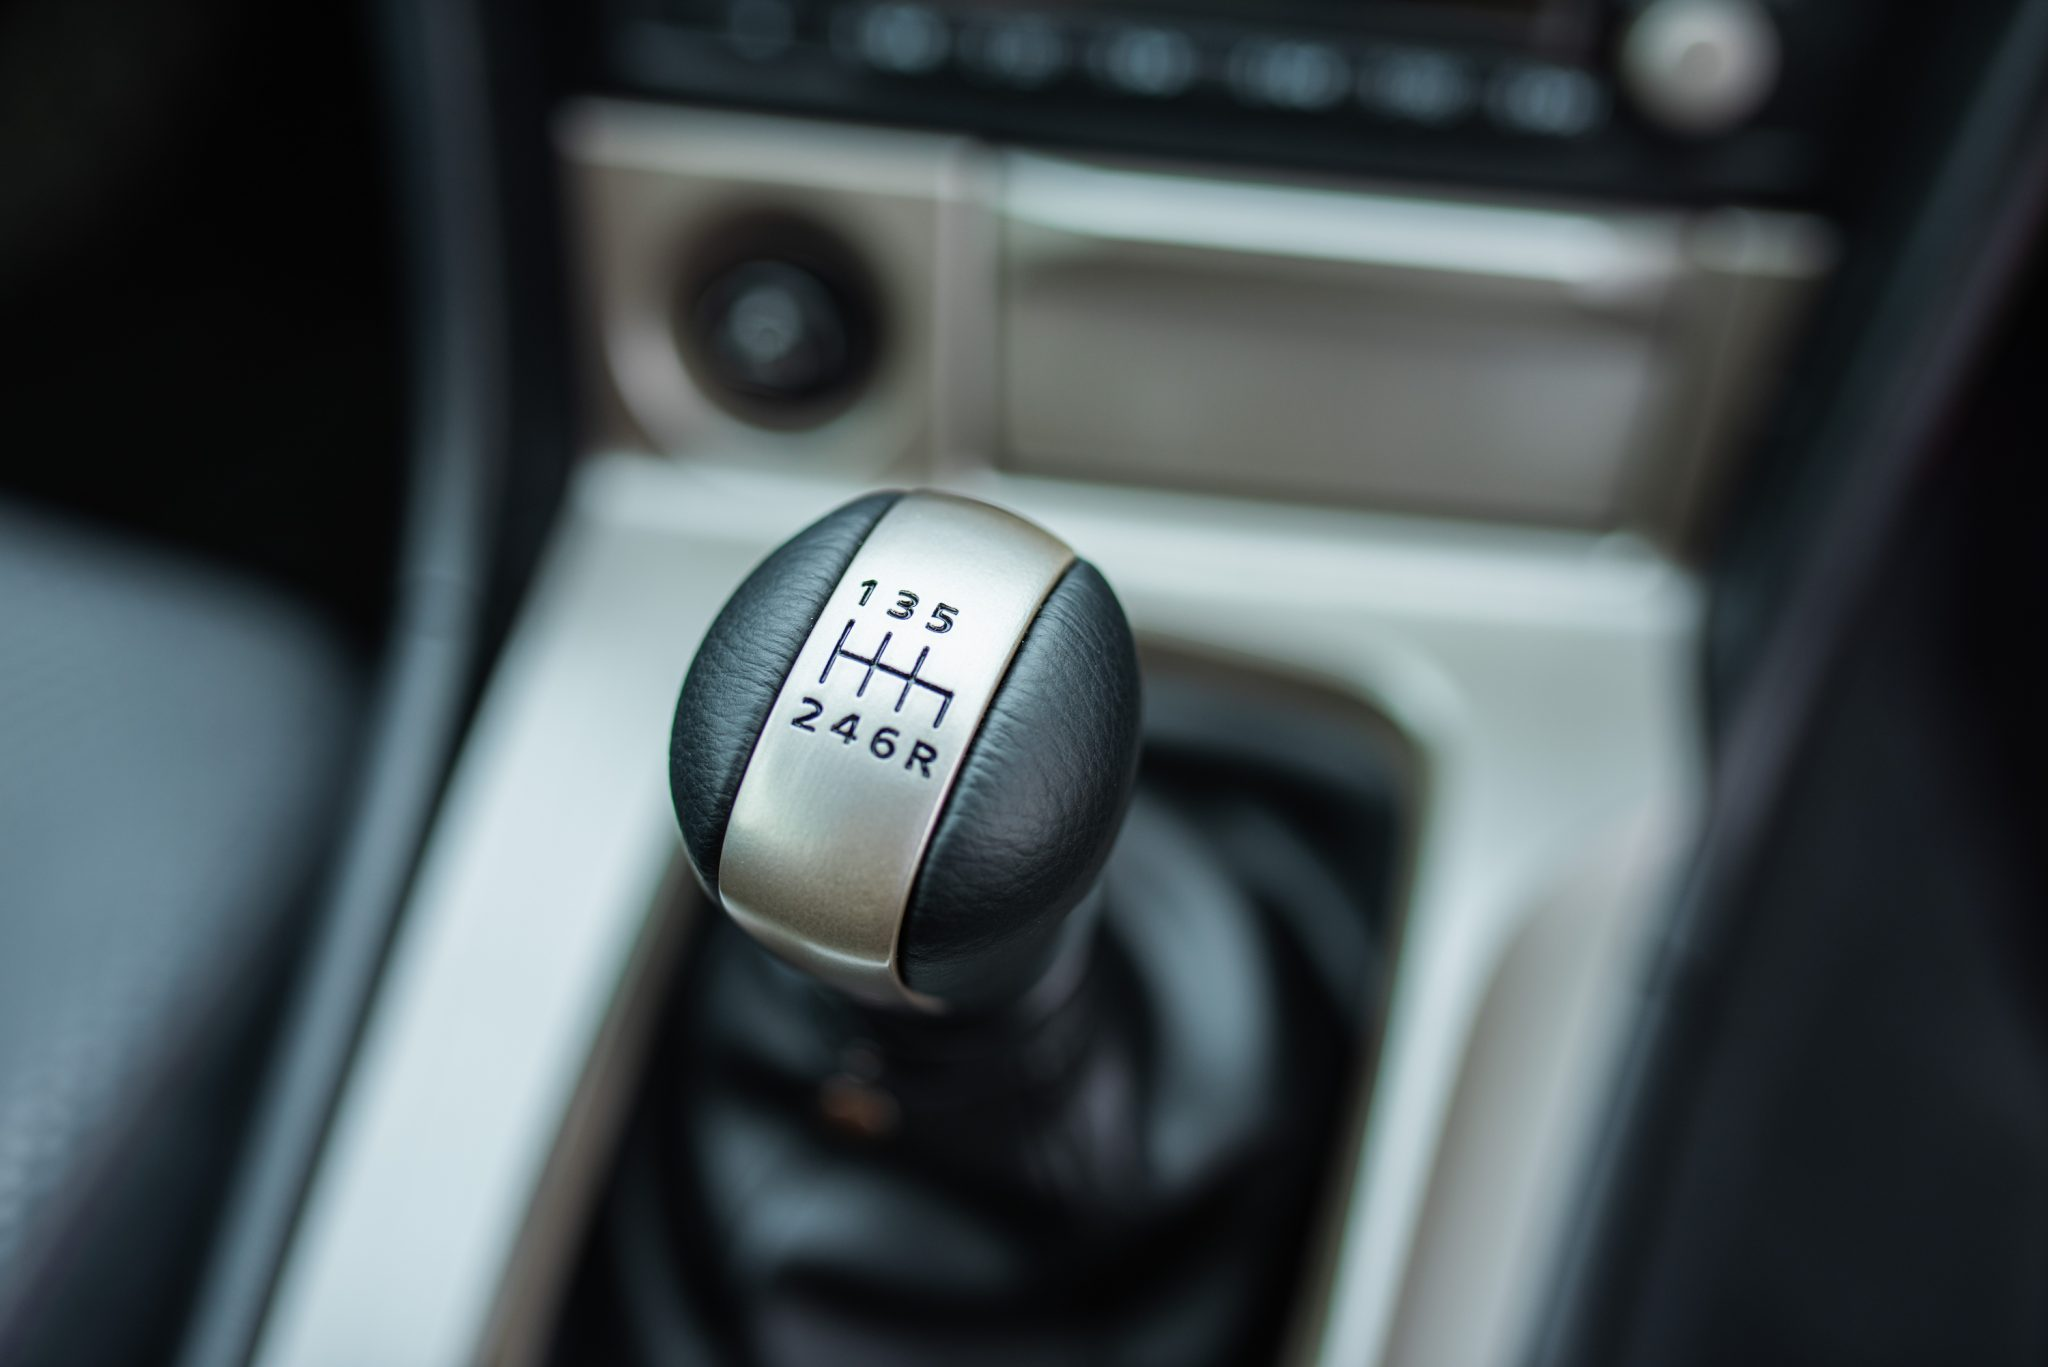 1999 Nissan Skyline GT-R V-Spec interior shifter